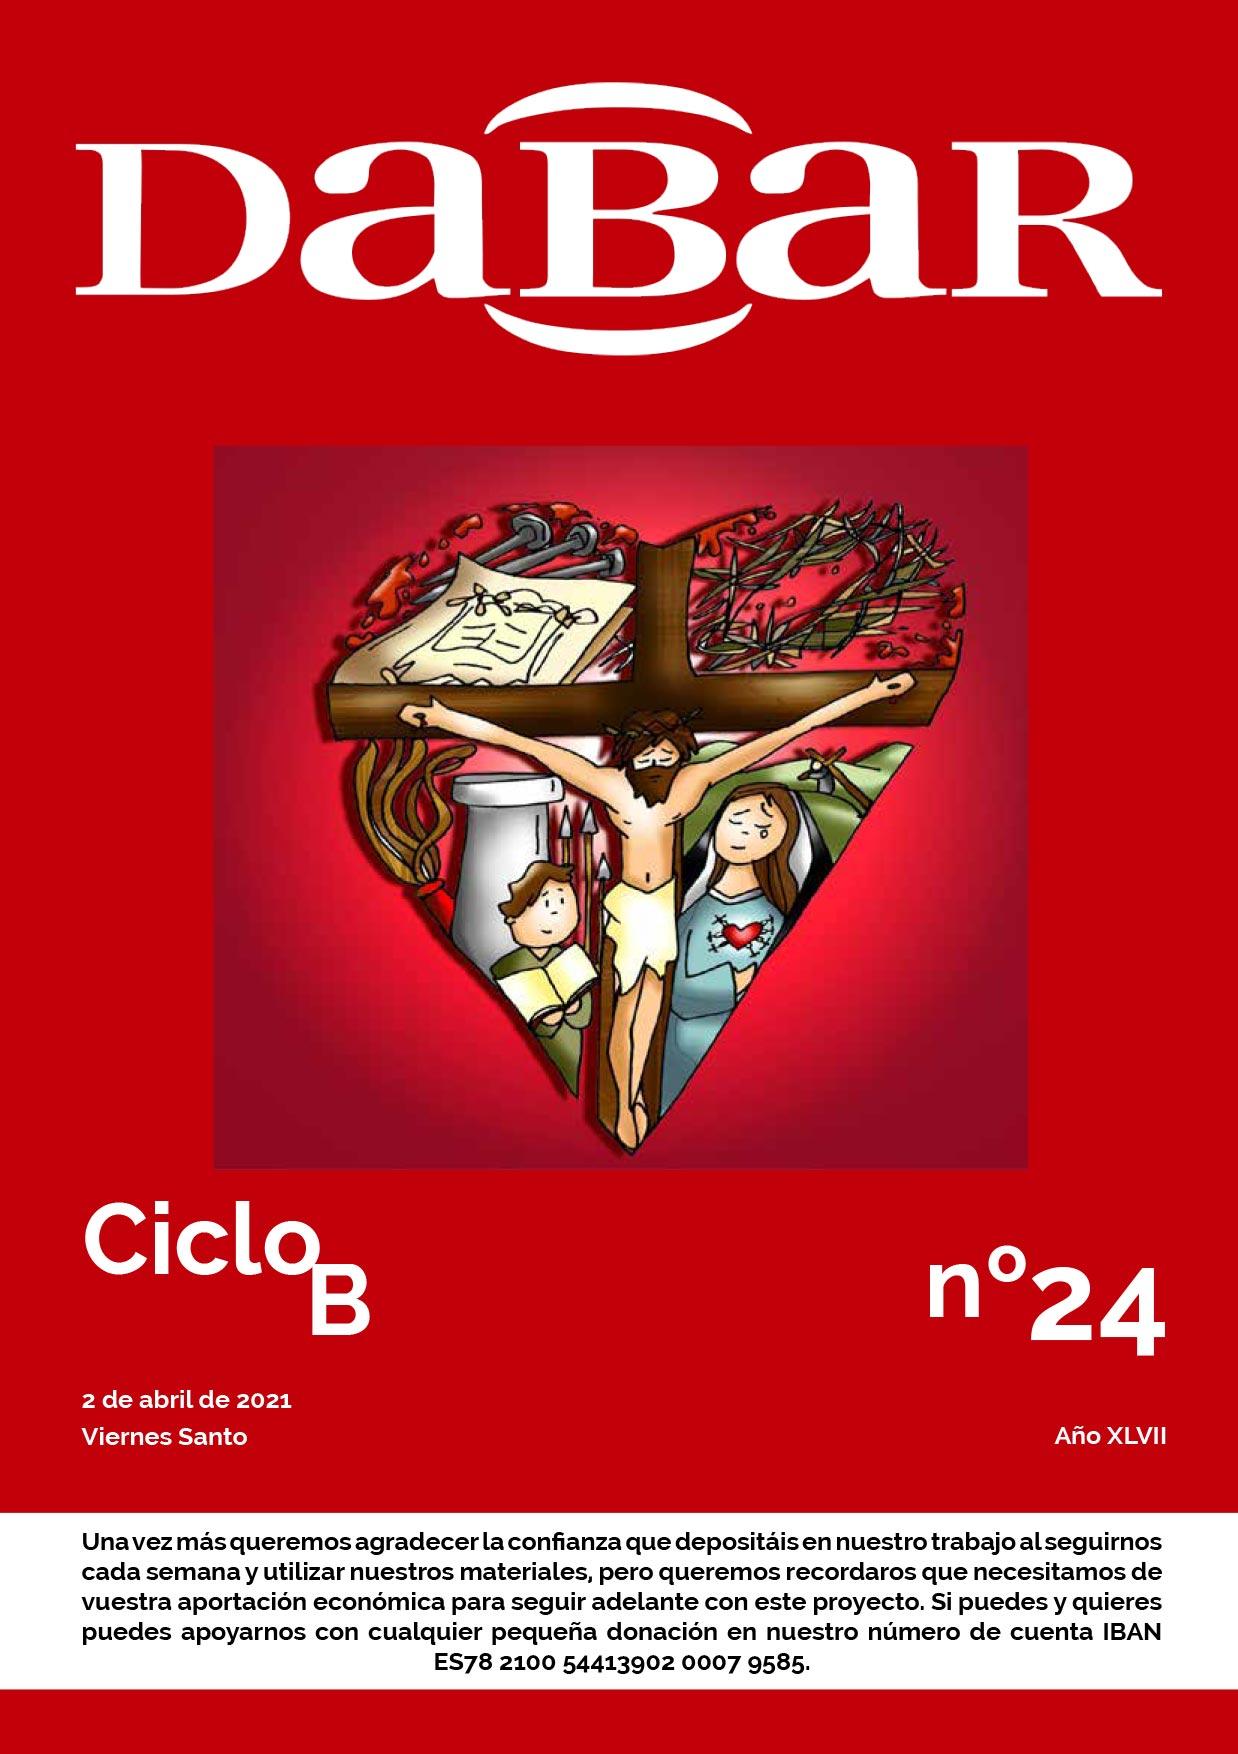 Dabar Revista numero 24 ciclo B